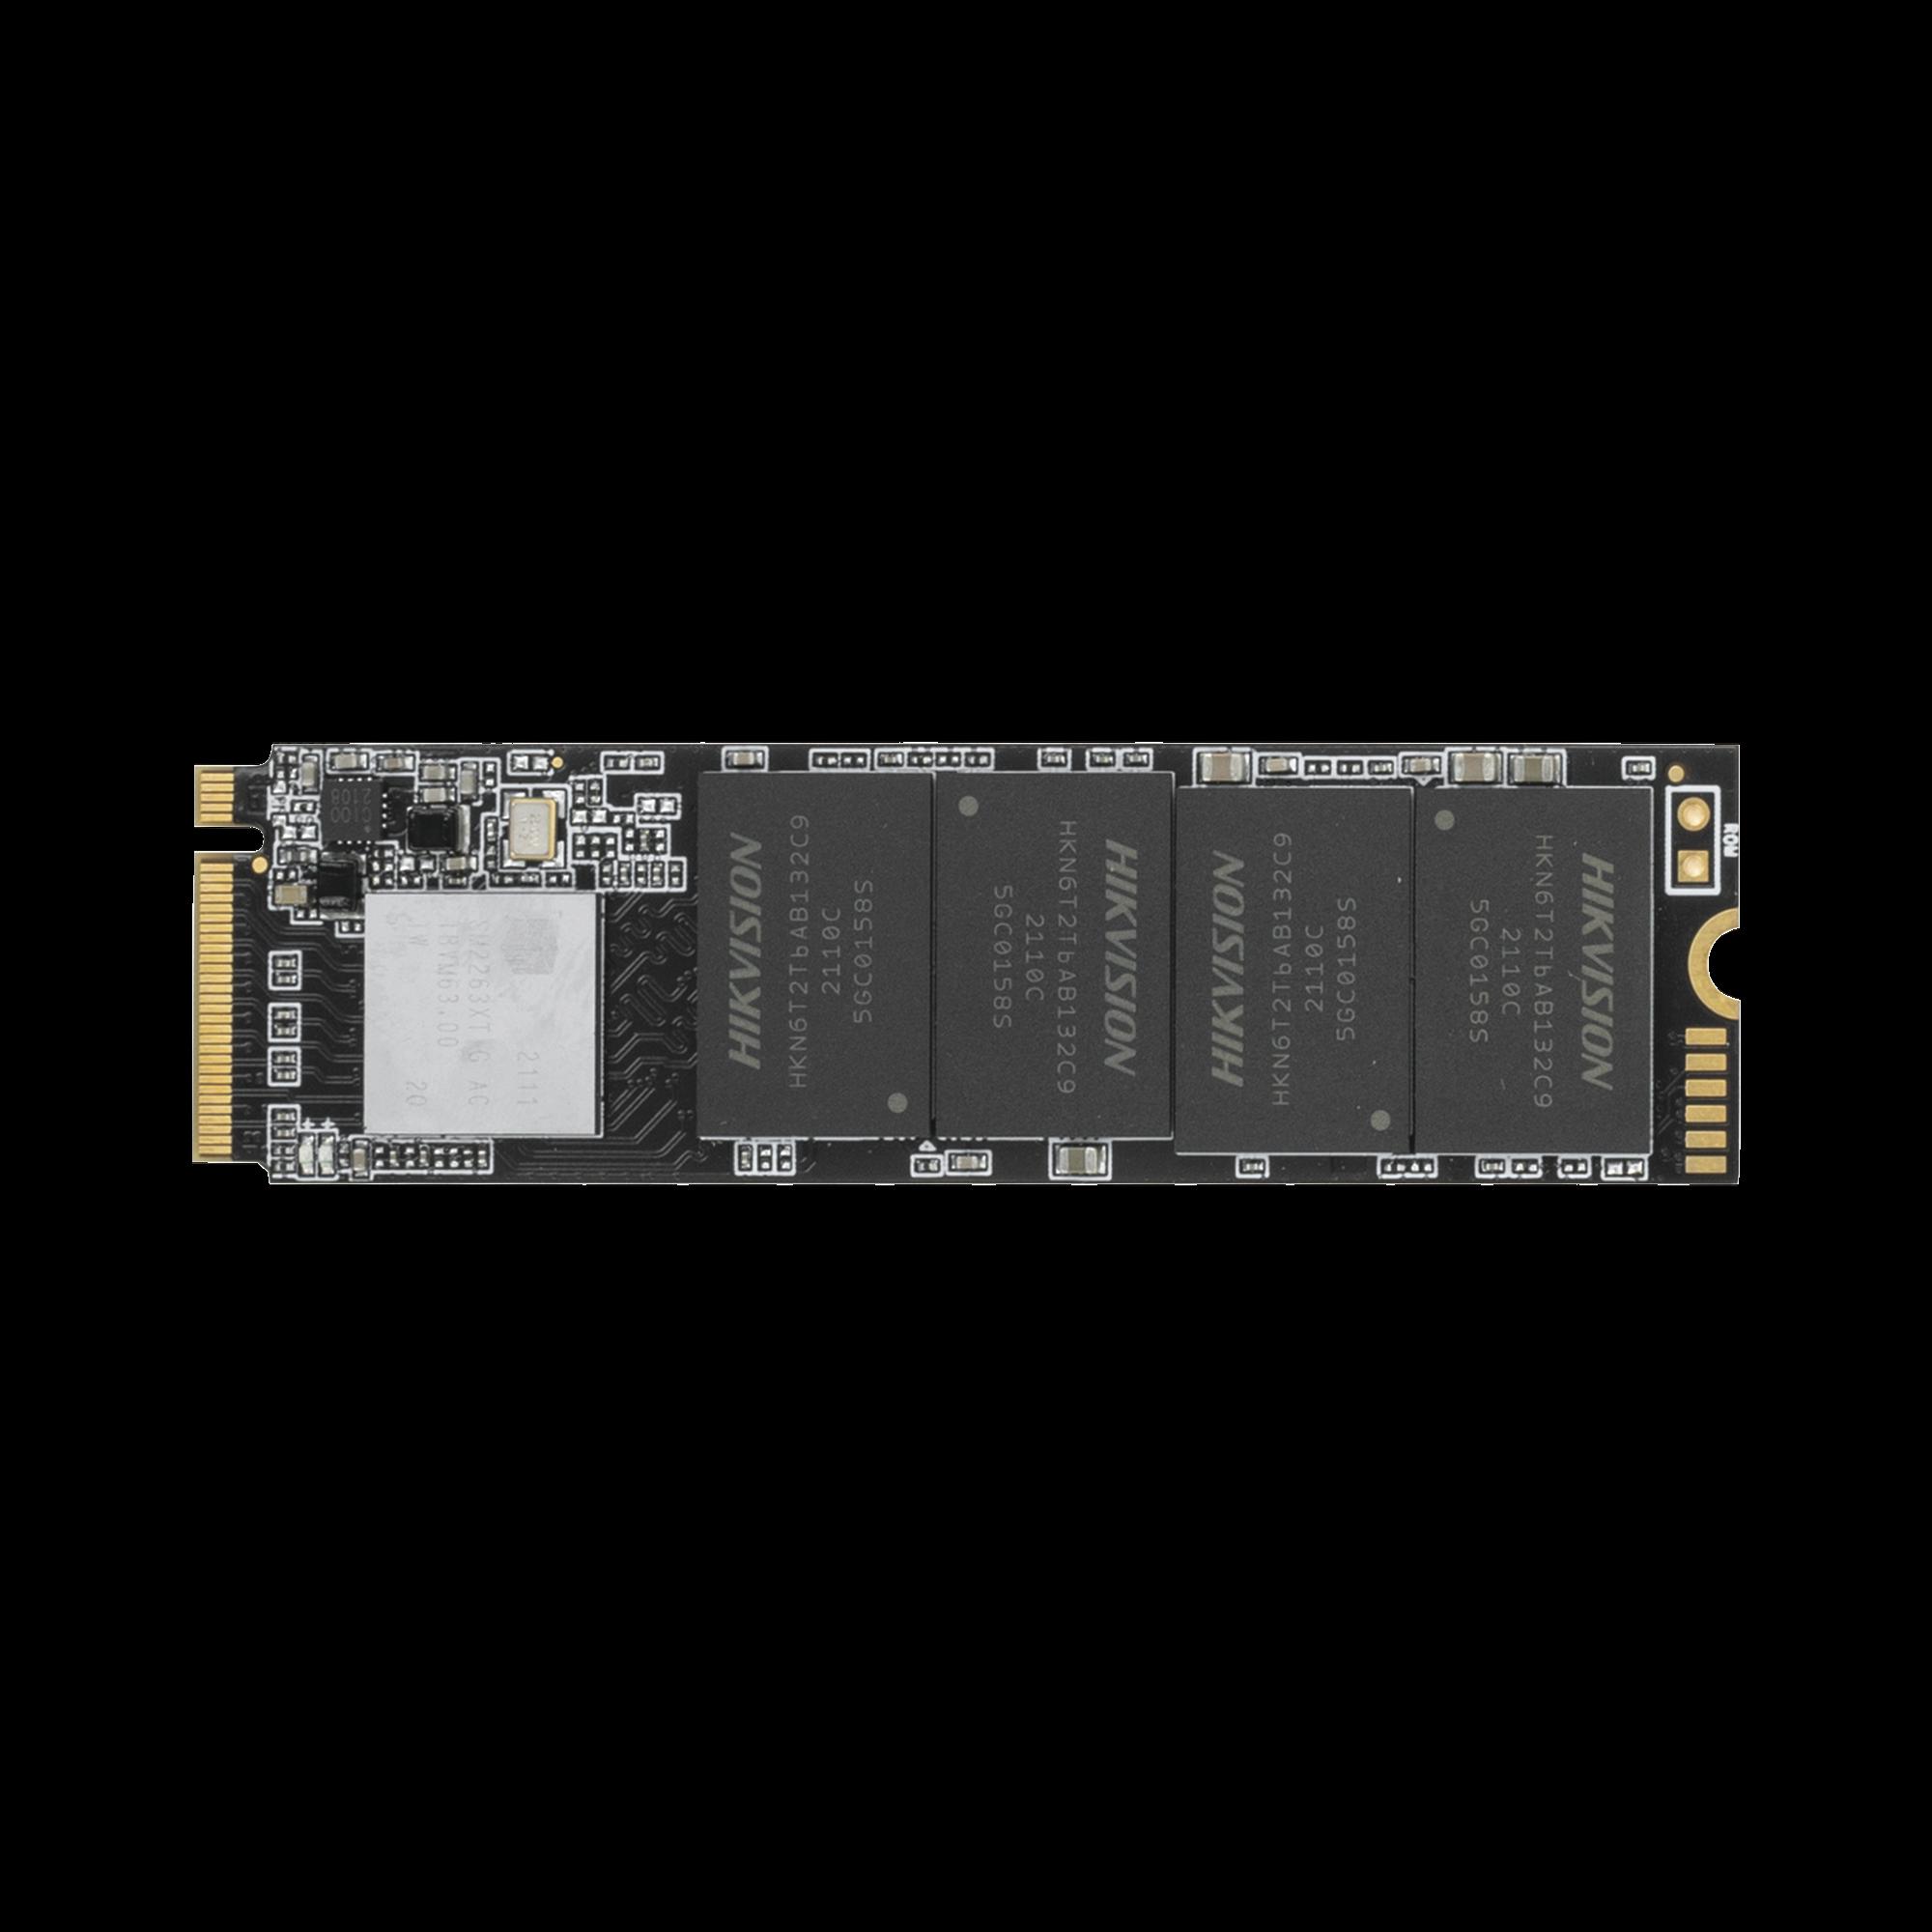 Unidad de Estado Sólido (SSD) 1024 GB / ALTO RENDIMIENTO / Hasta 2100 MB/s / M.2 NVMe / Para Gaming y PC Trabajo Pesado